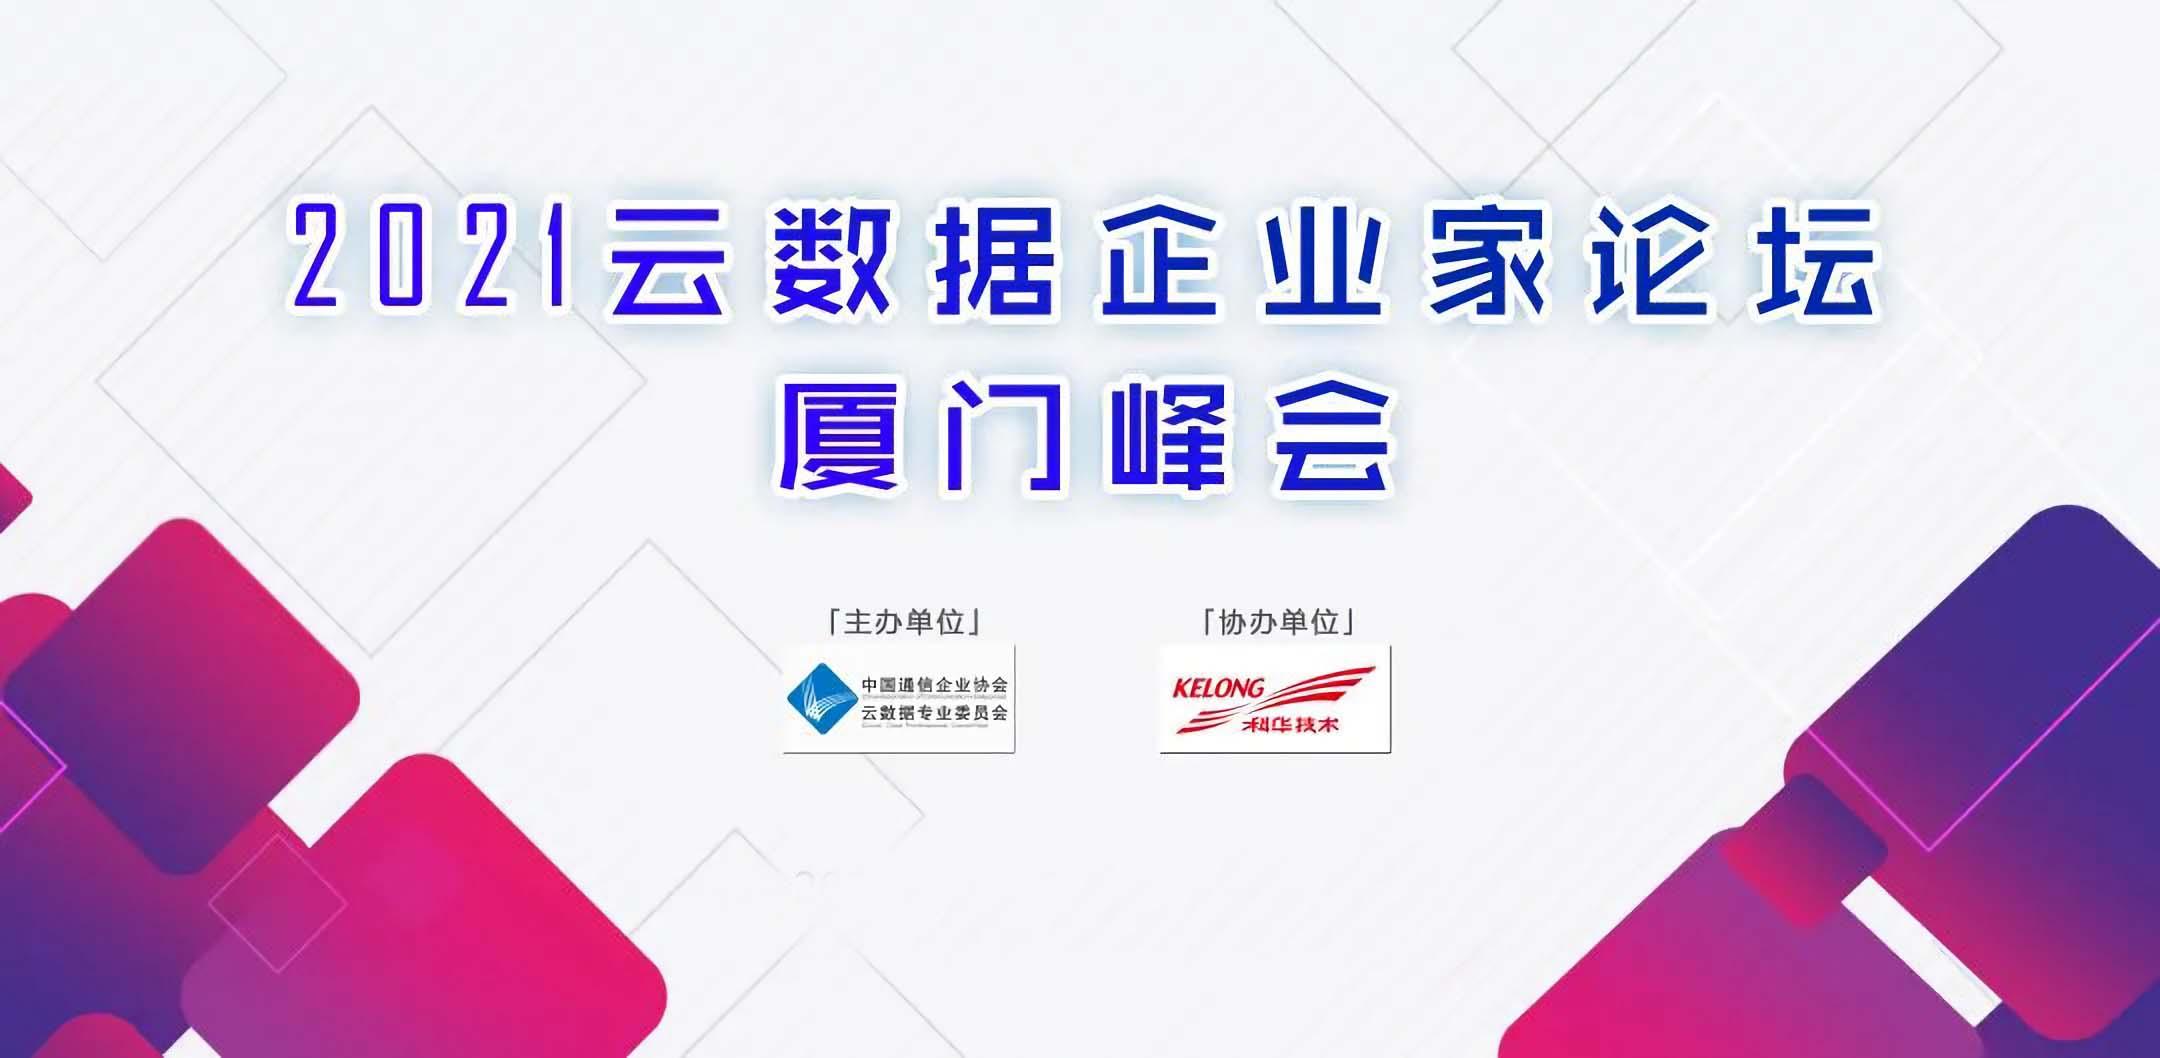 2021云数据企业家论坛厦门峰会在科华数据厦门总部召开